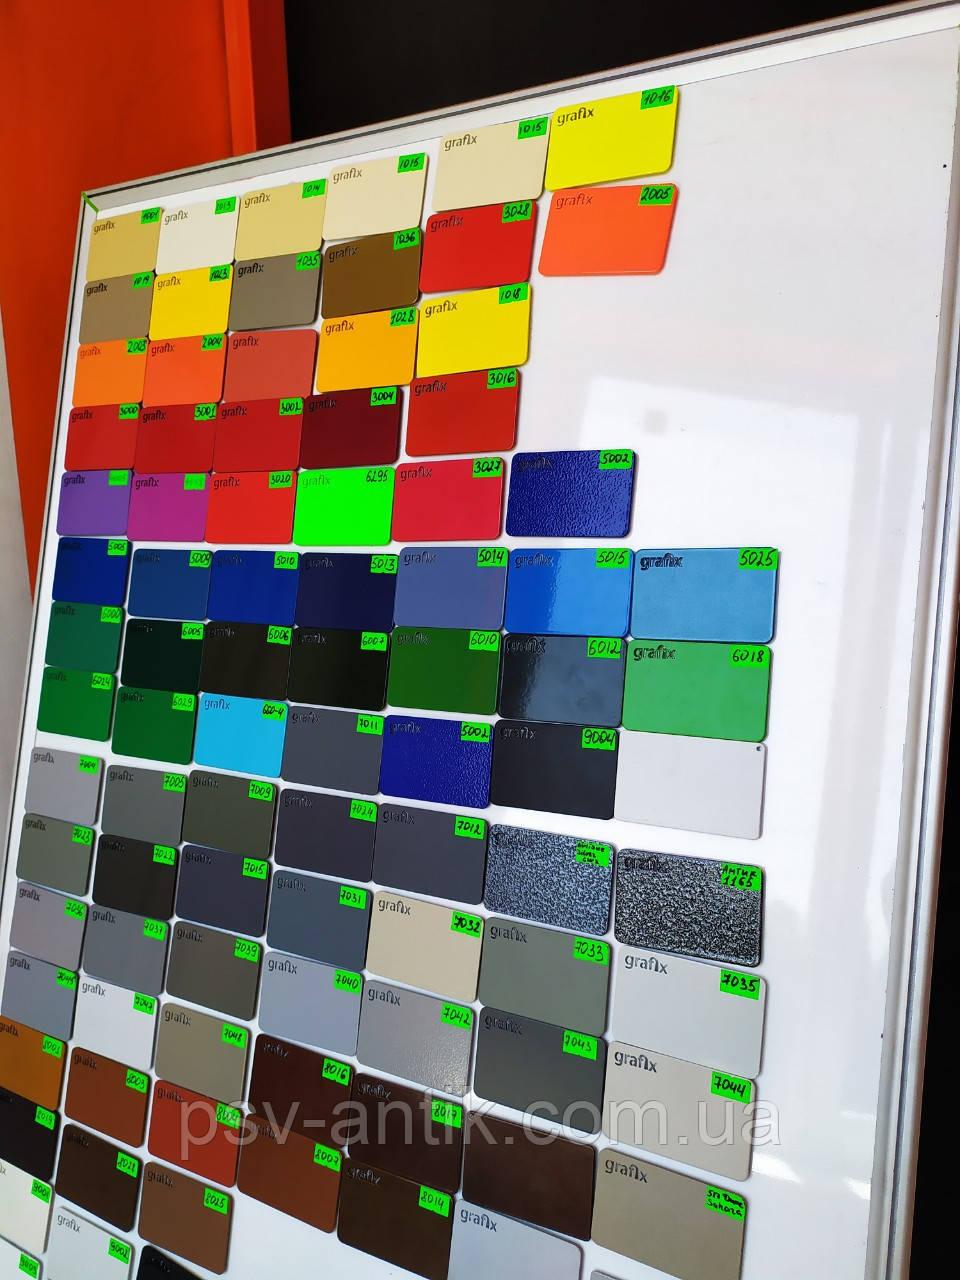 Порошковая краска структурная, полиэфирная, архитектурная, 520